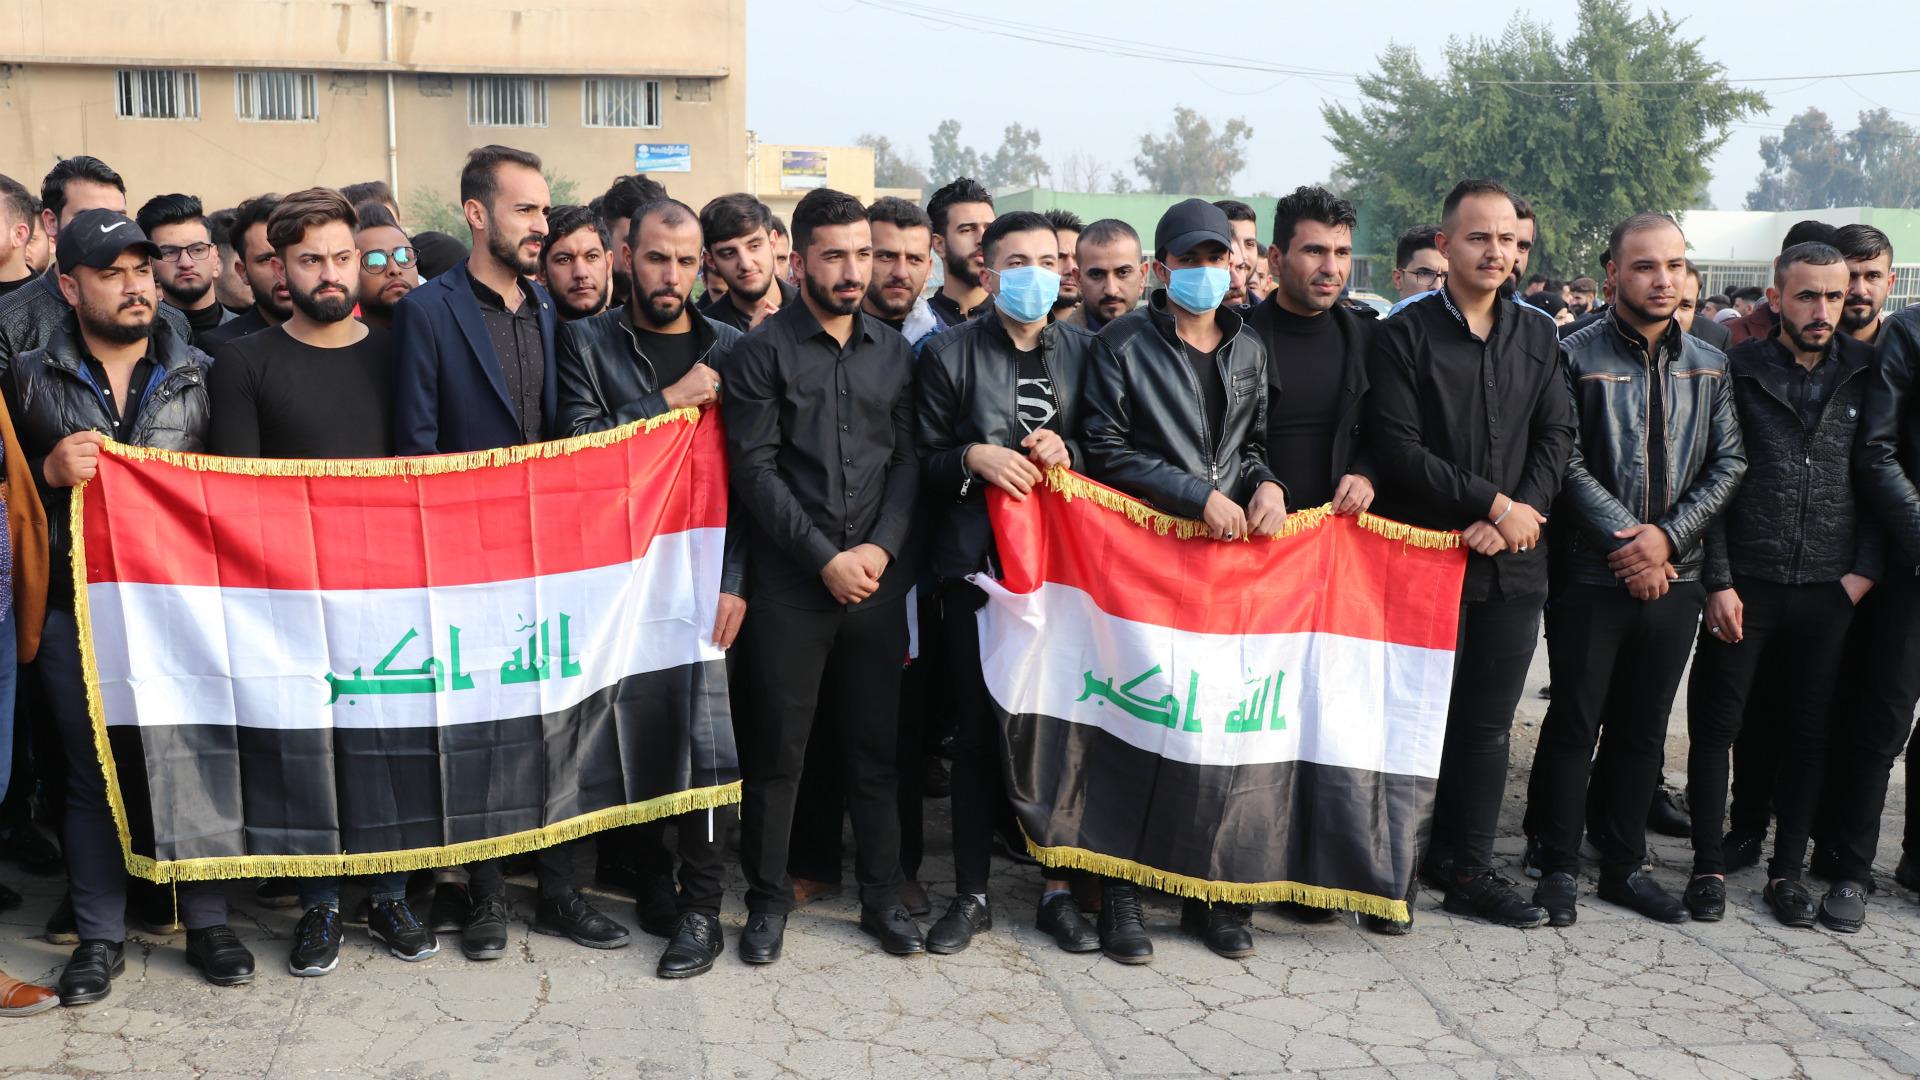 طلاب جامعة الموصل يضربون عن الدوام تضامناً مع جامعات الوسط والجنوب